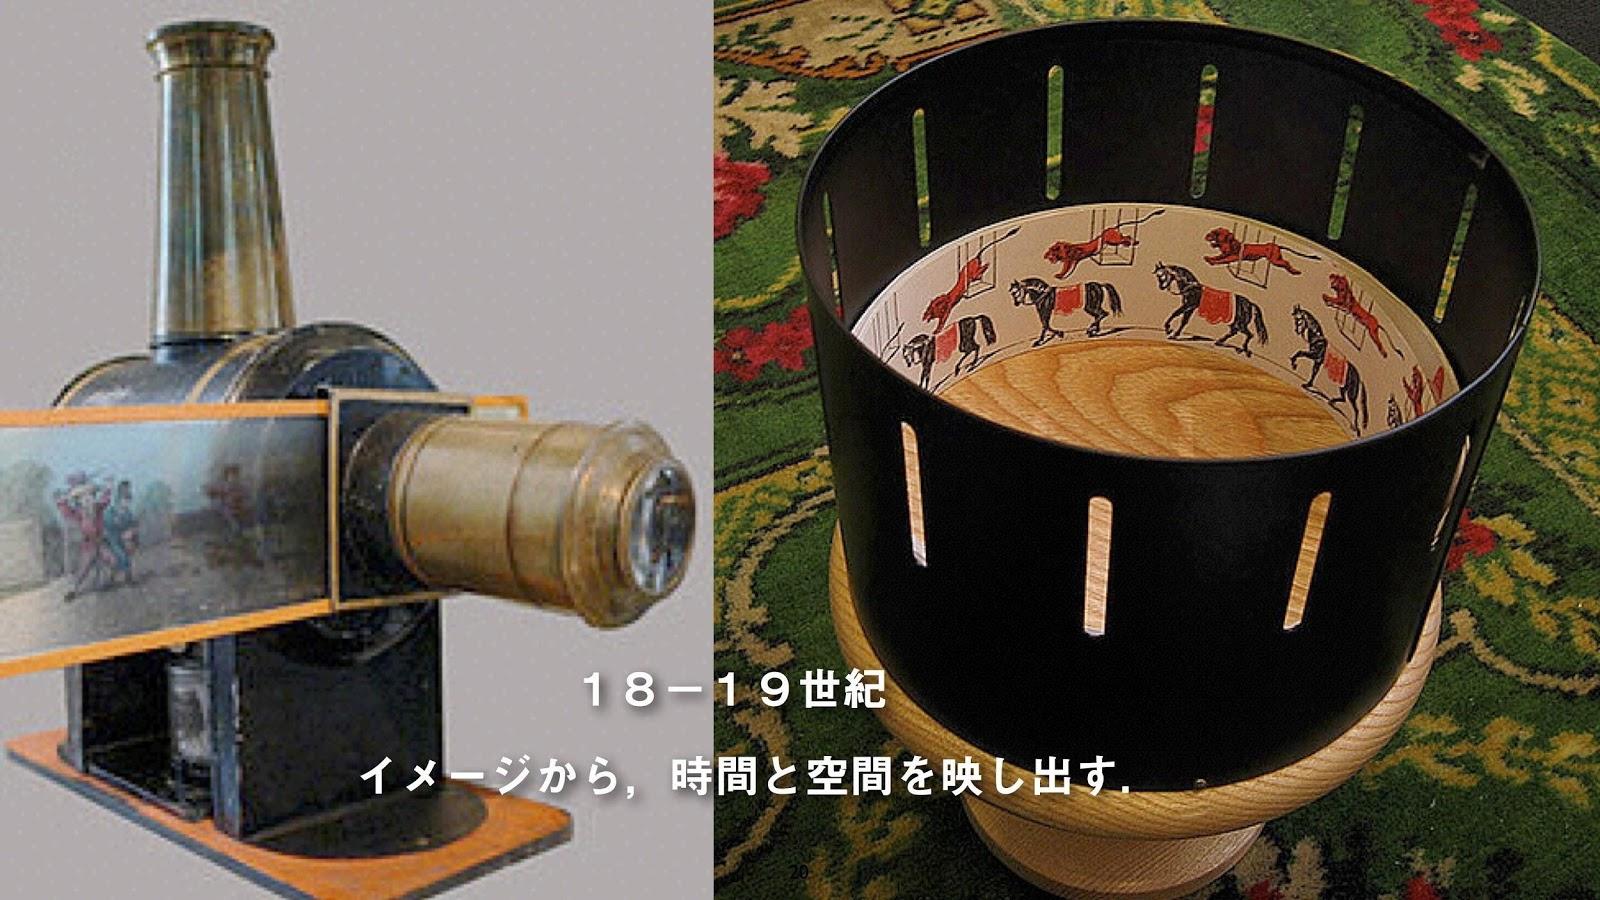 image08 (2)